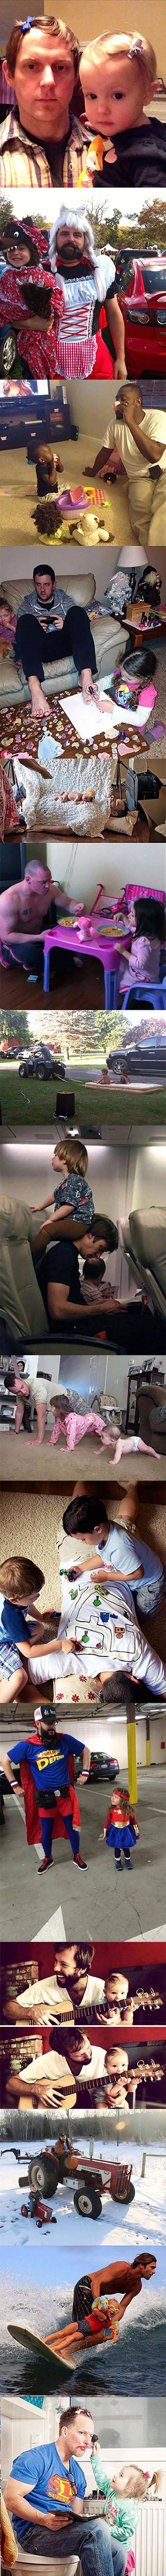 Preslatke fotografije očeva i djece prikazuju kako izgleda život roditelja